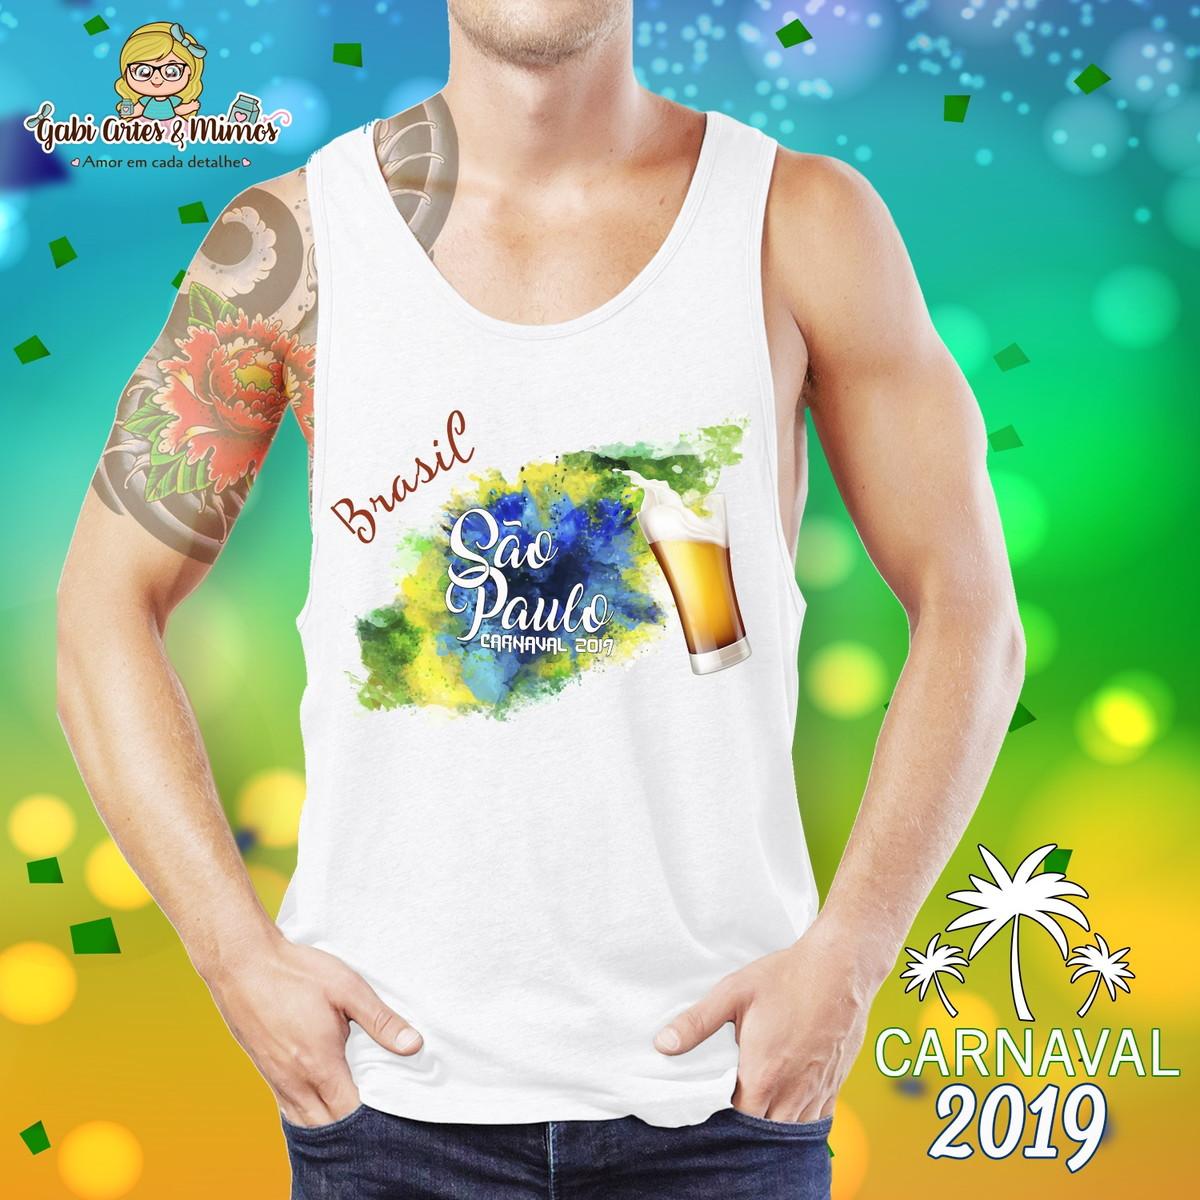 d77fac8a16b6d Camiseta Regata Carnaval São Paulo no Elo7